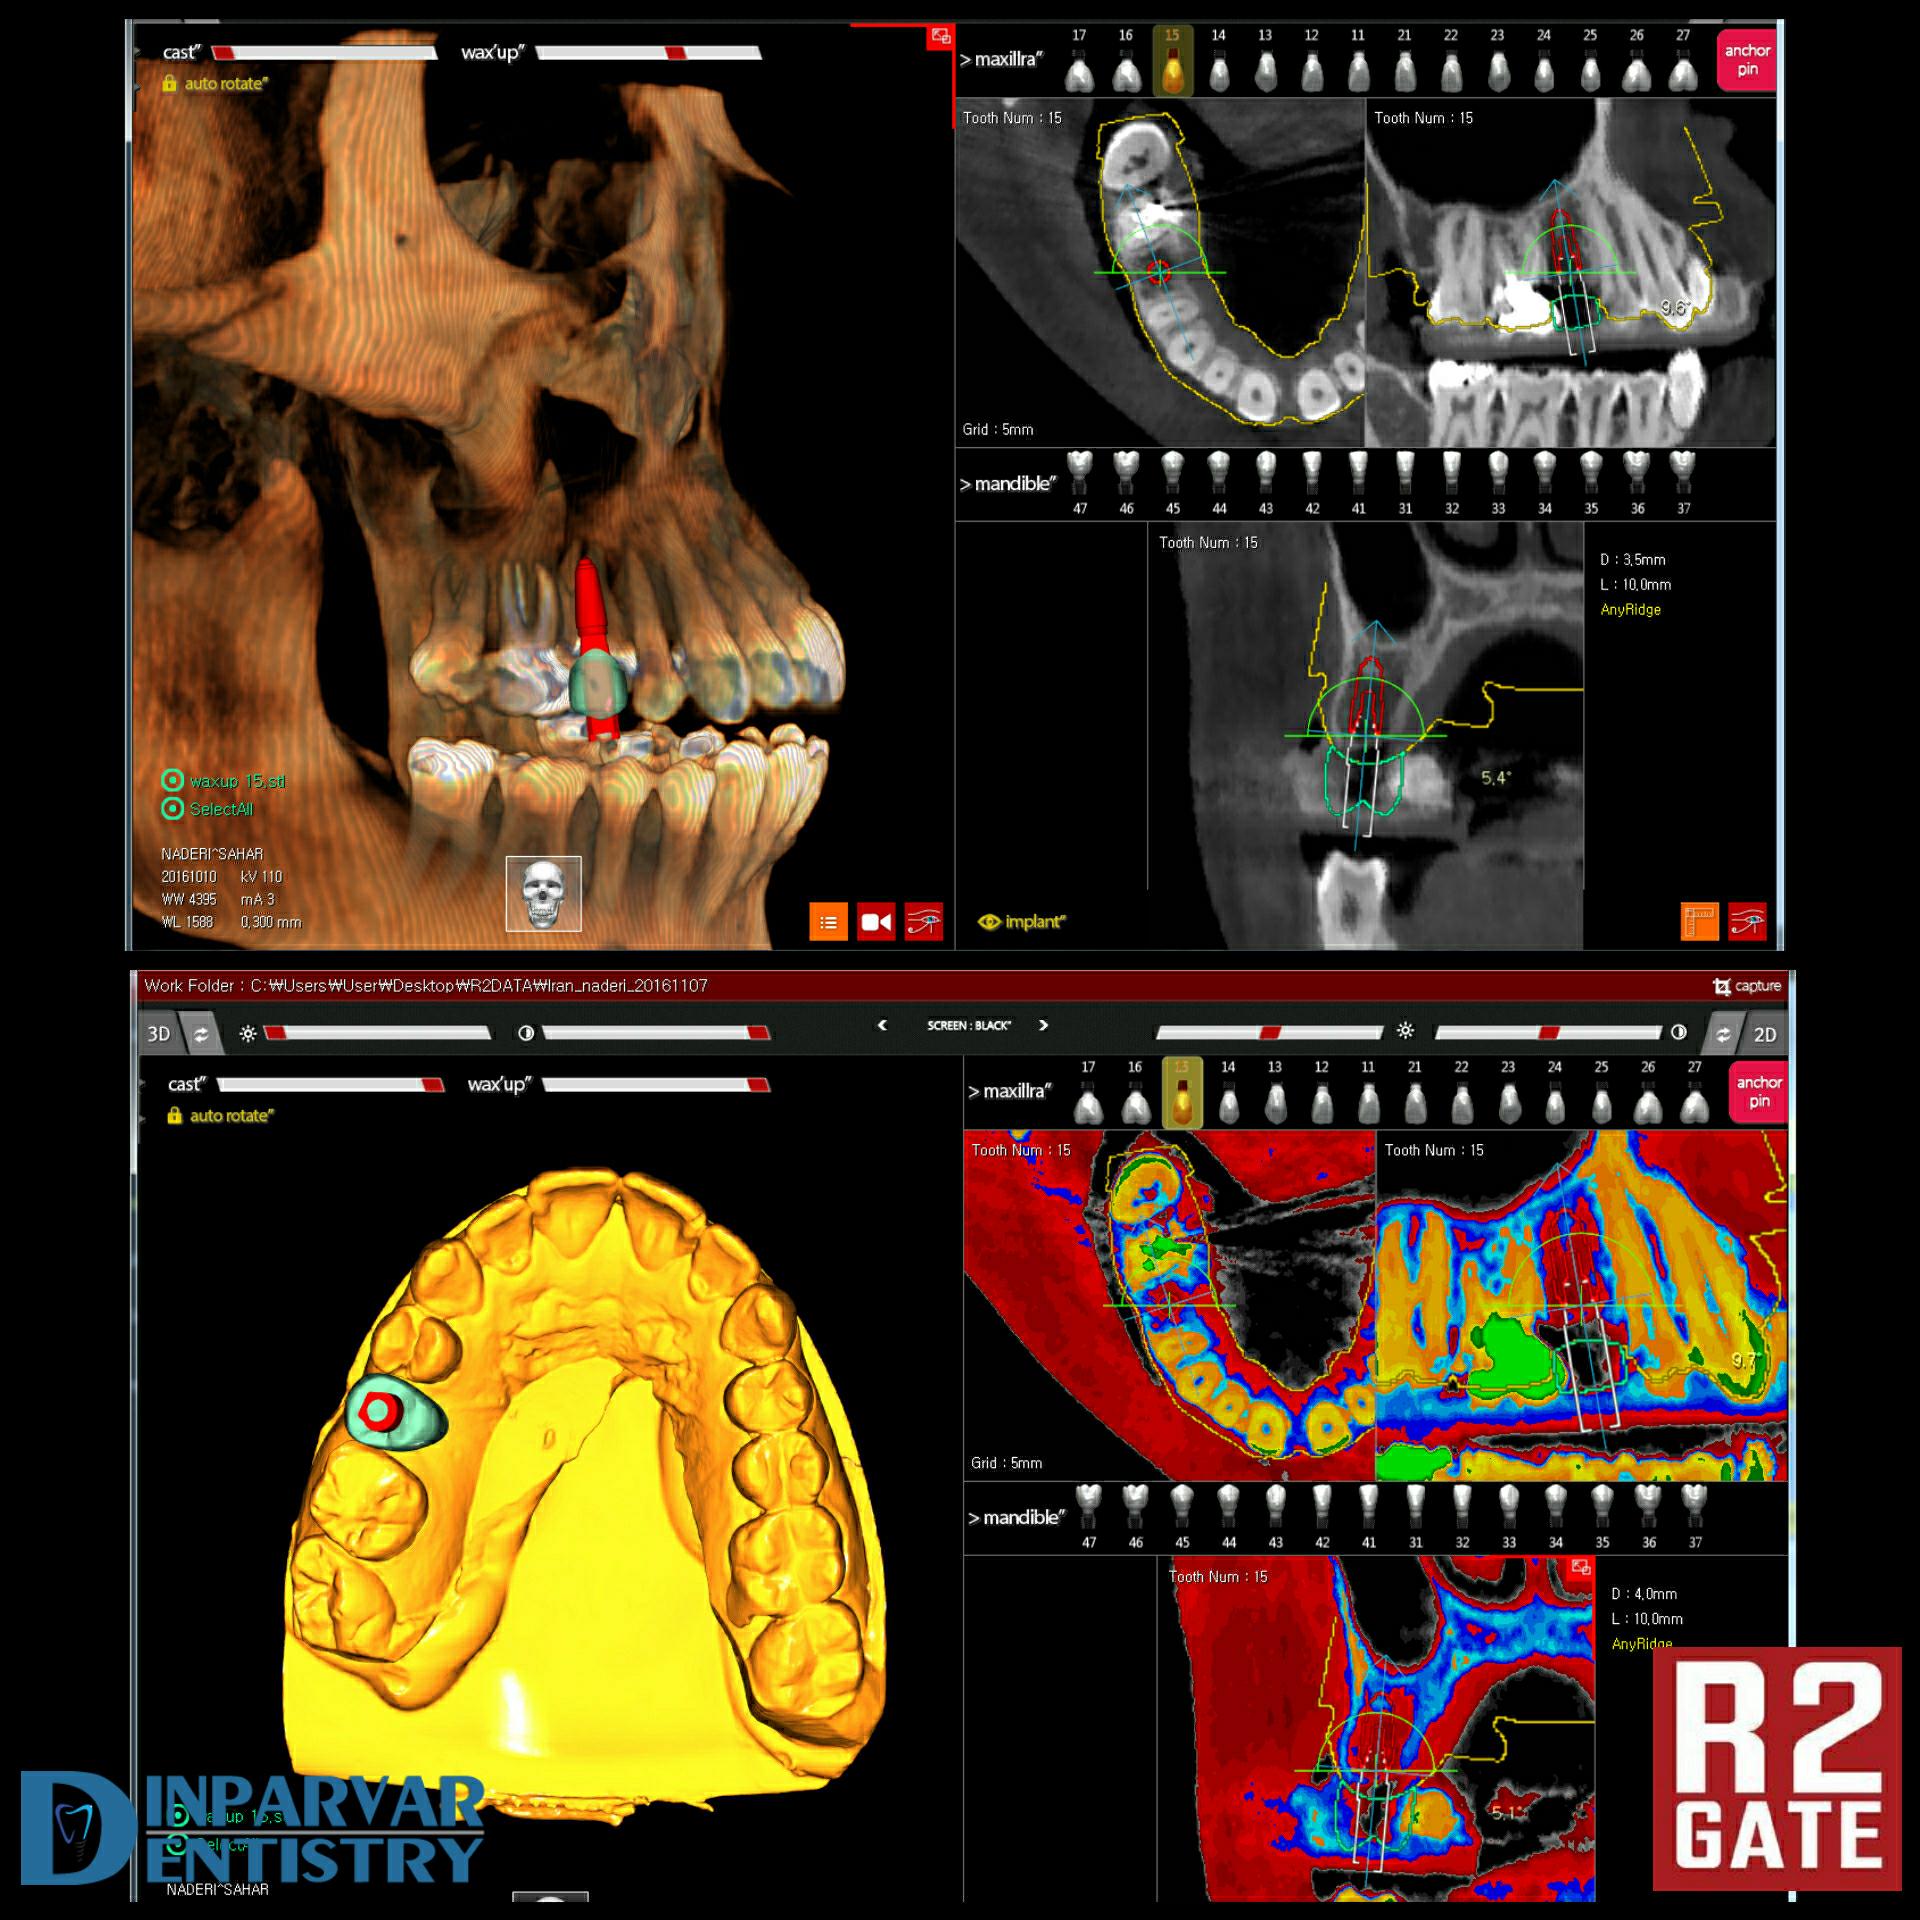 تصویر هفت : مراحل طراحی و کاشت و پروتز نهایی و نتیجه درمان بیمار بعد از دو سال